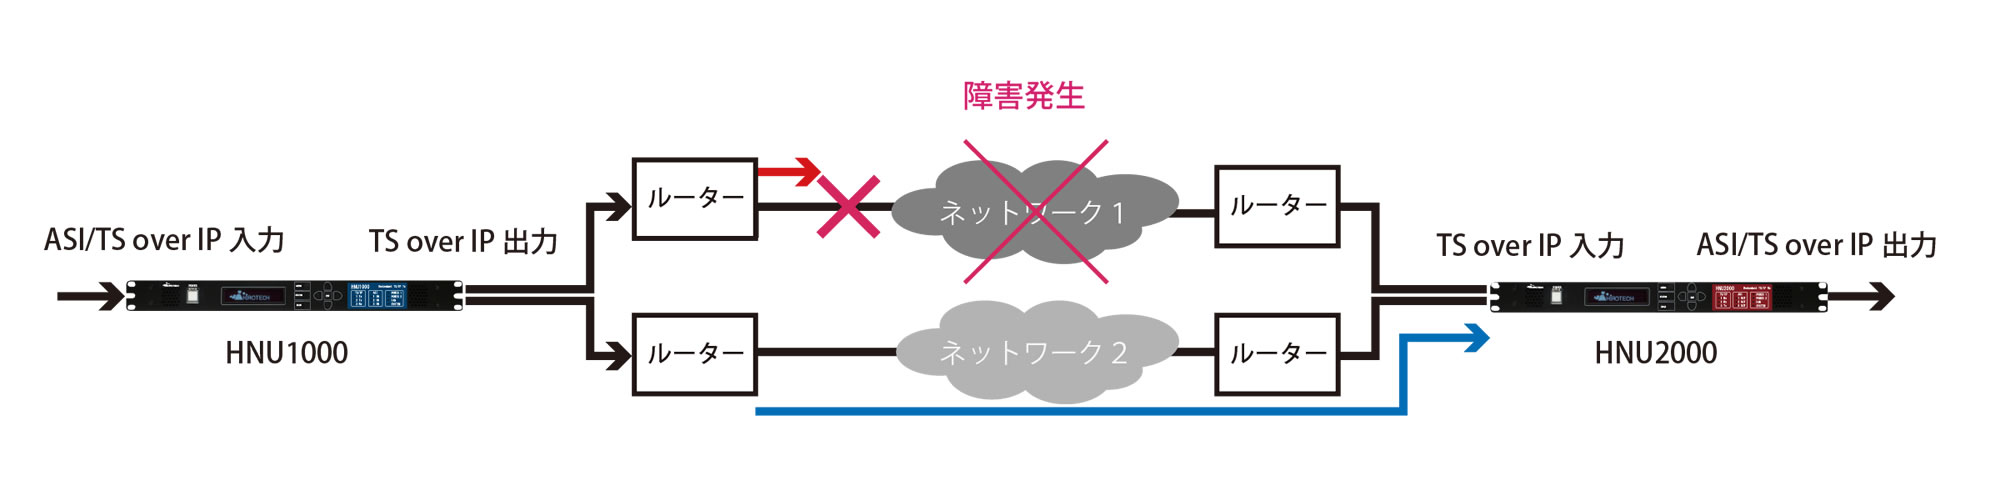 冗長対応 IP入力 ASI出力